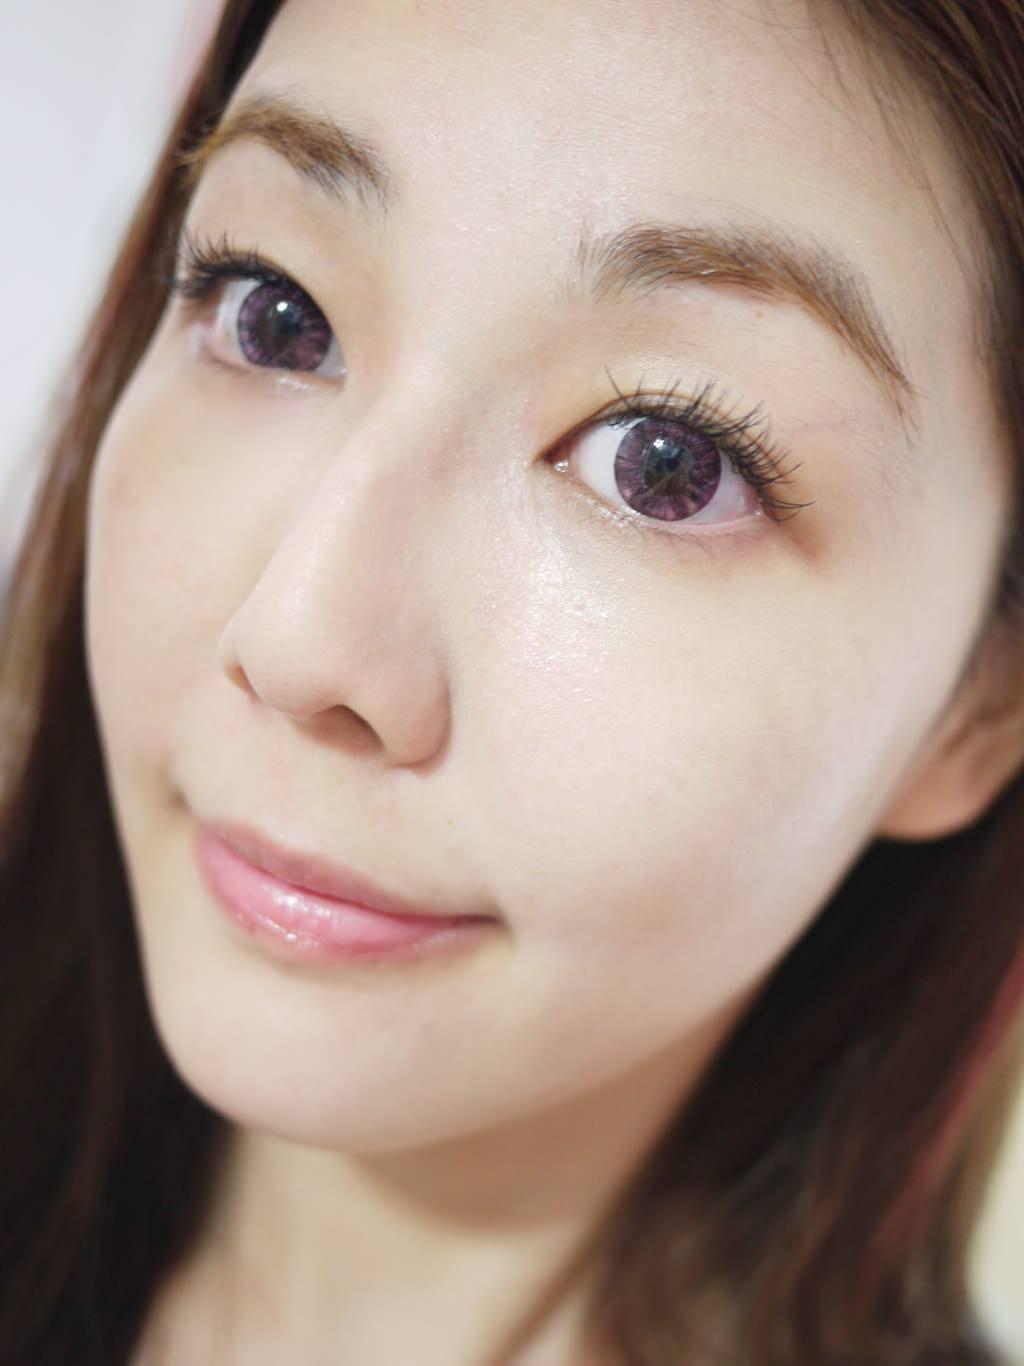 Dr.Jart+,韓國保養,肌膚專家,亞洲保養,保濕,亮白,水凝霜,敏弱肌,天然保養,320